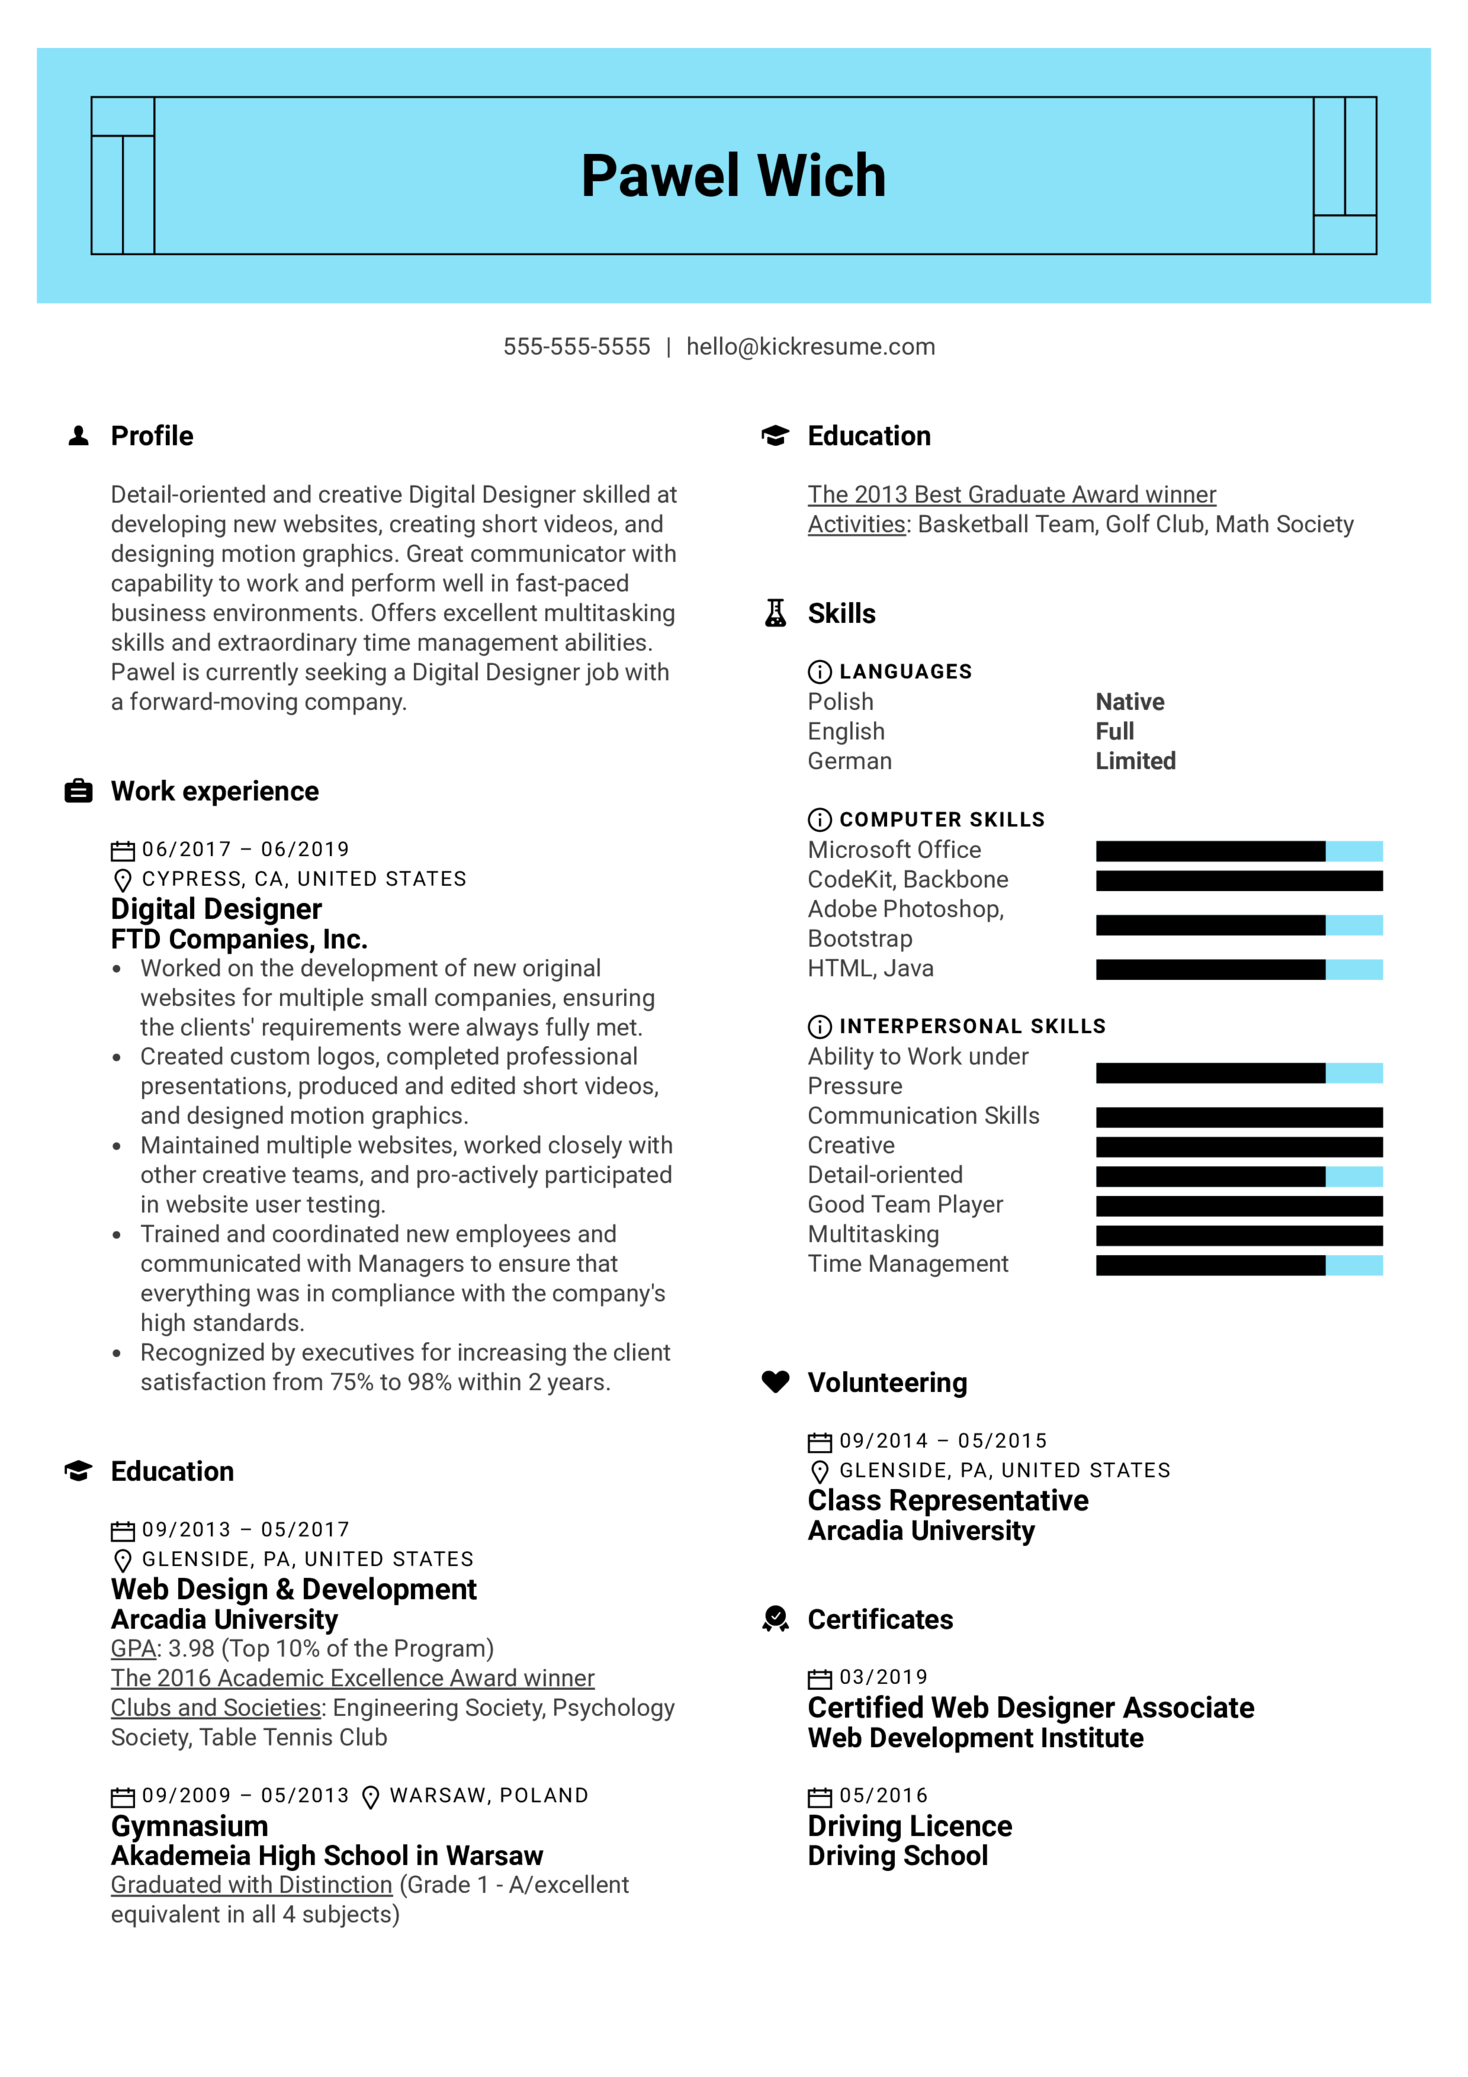 Digital Designer Resume Example (Part 1)